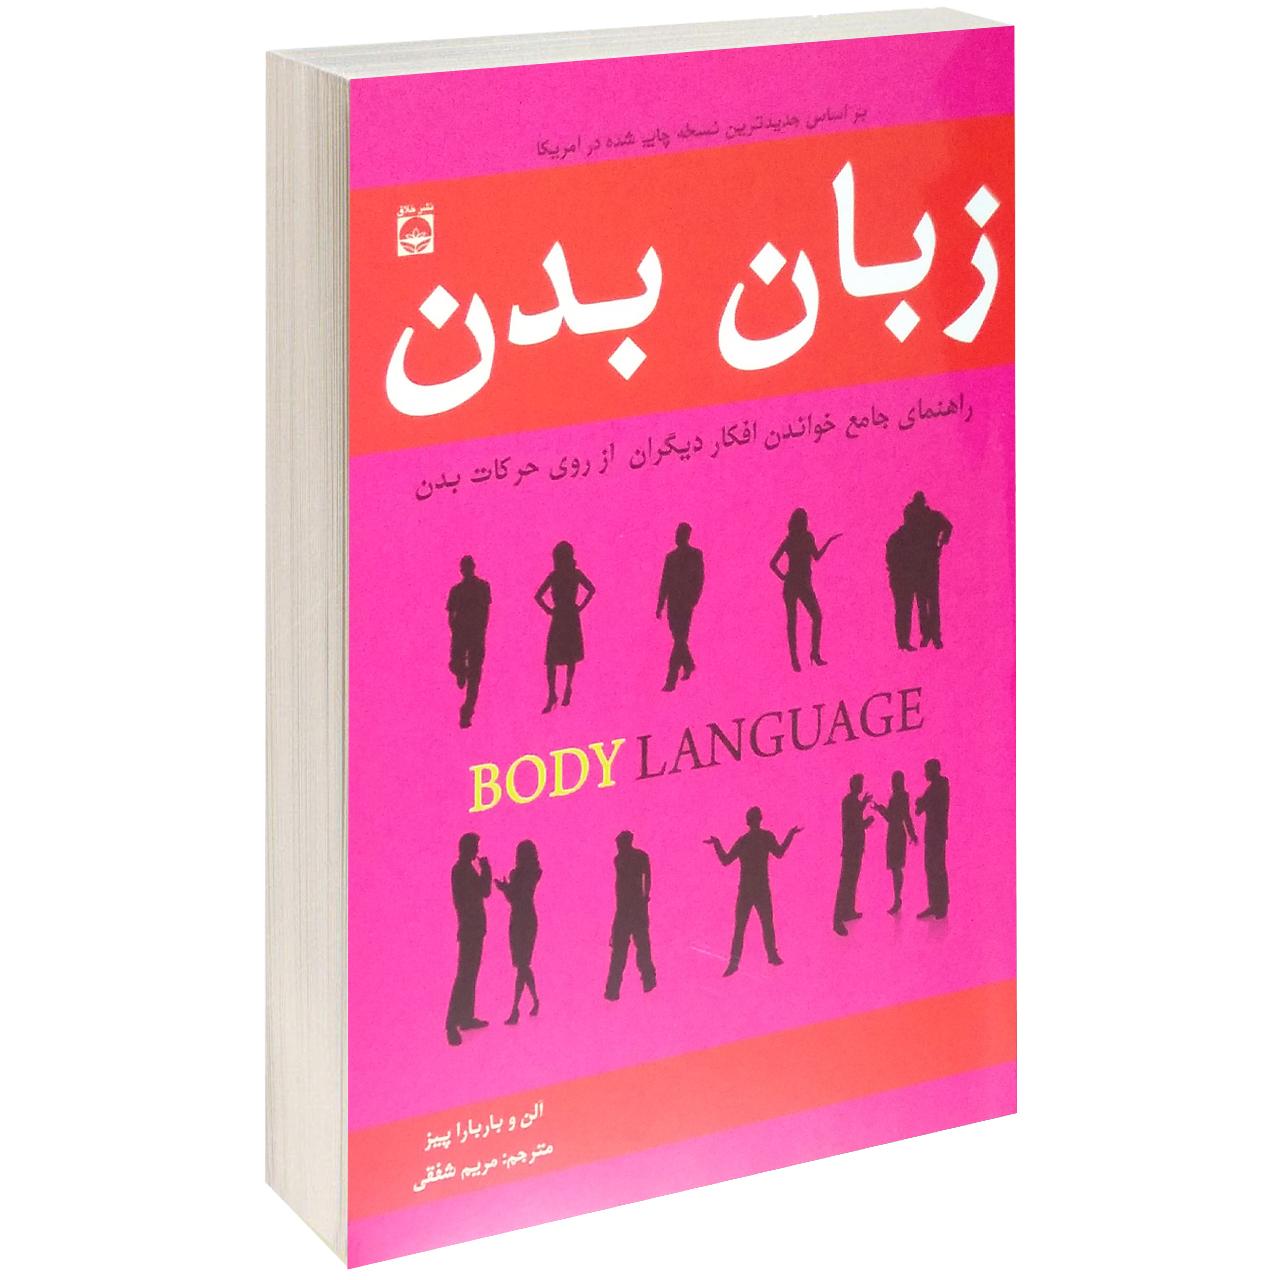 کتاب زبان بدن اثر آلن پیز thumb